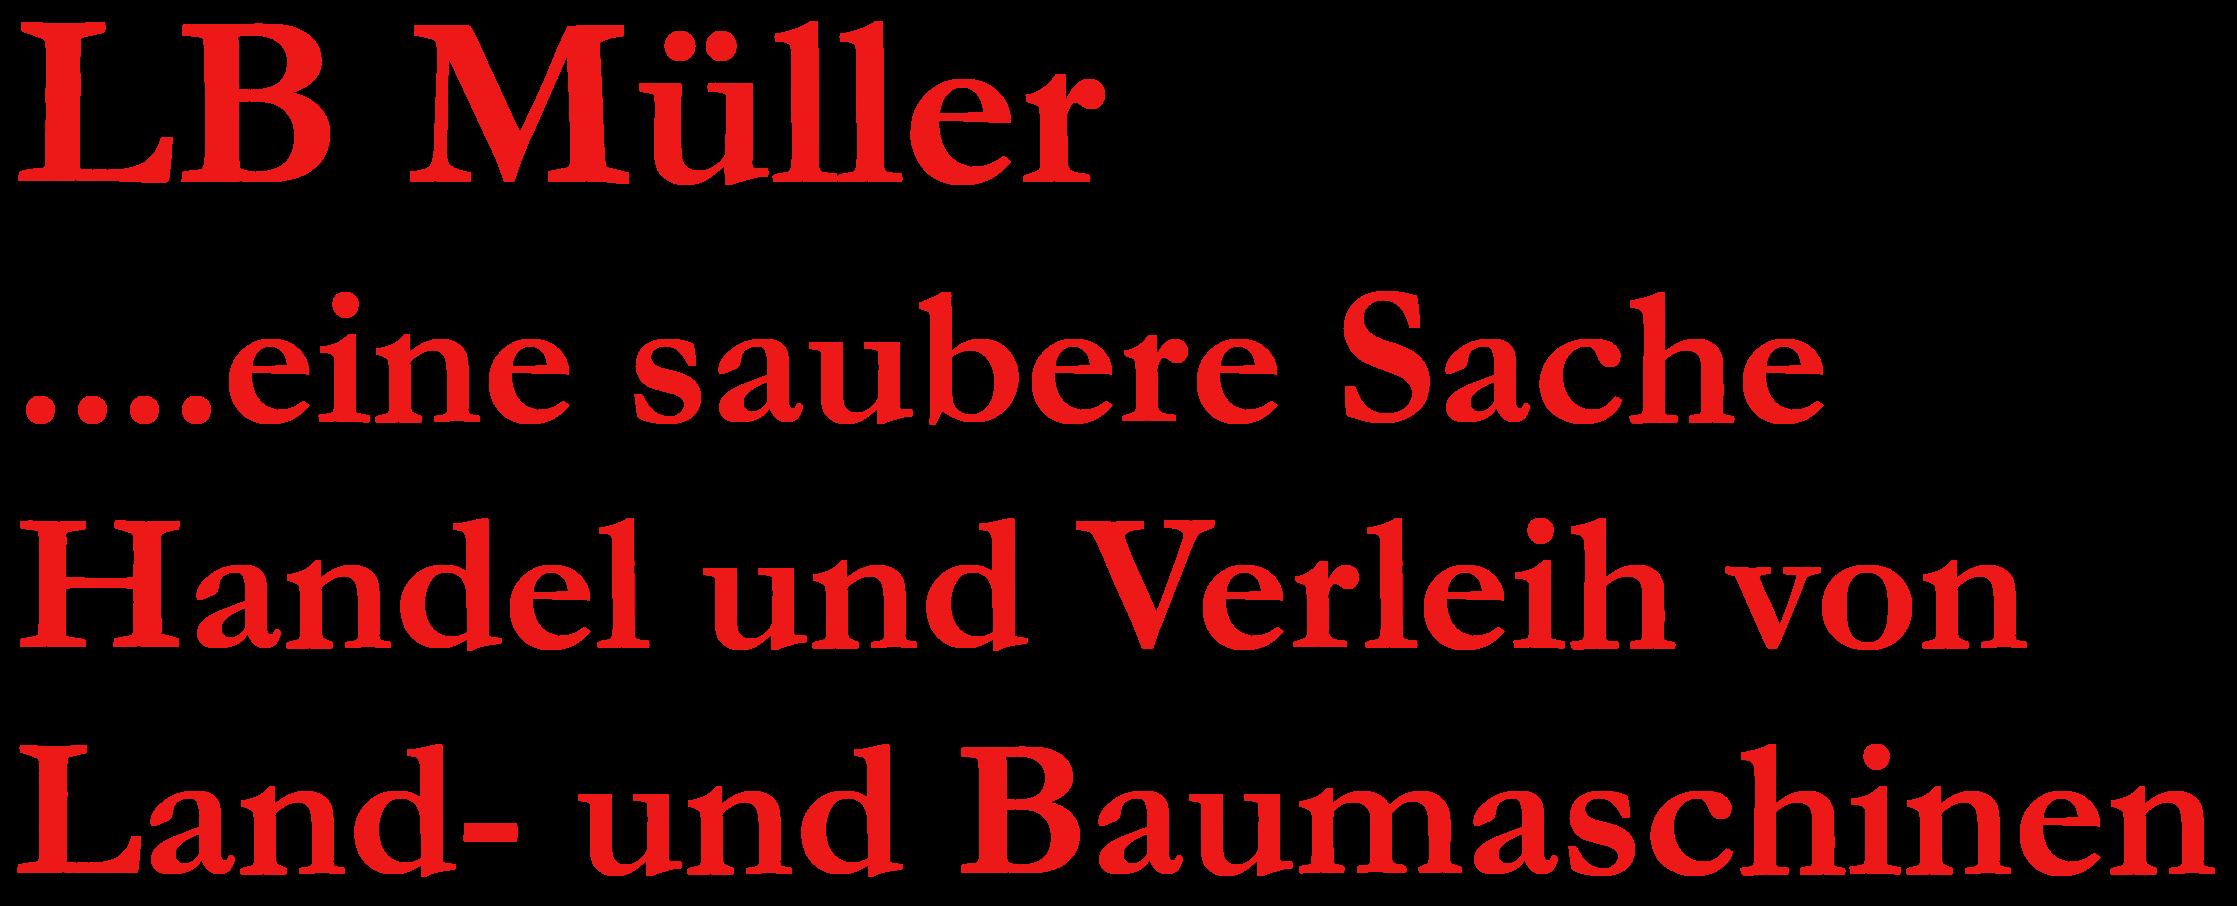 LB Müller